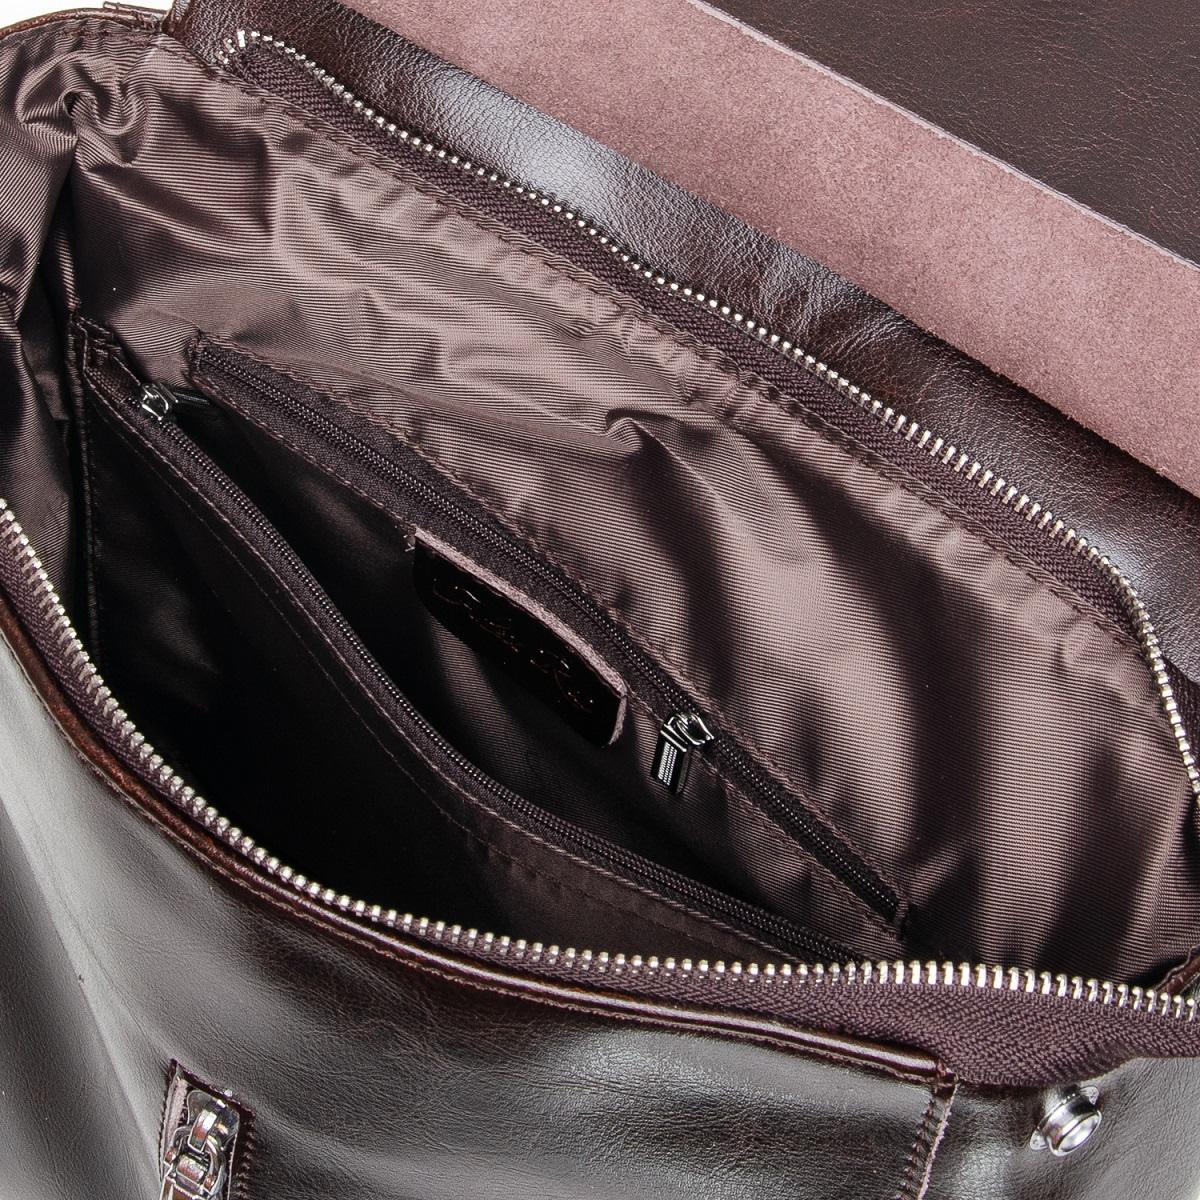 Сумка Женская Рюкзак кожа ALEX RAI 7-02 3206 brown - фото 5